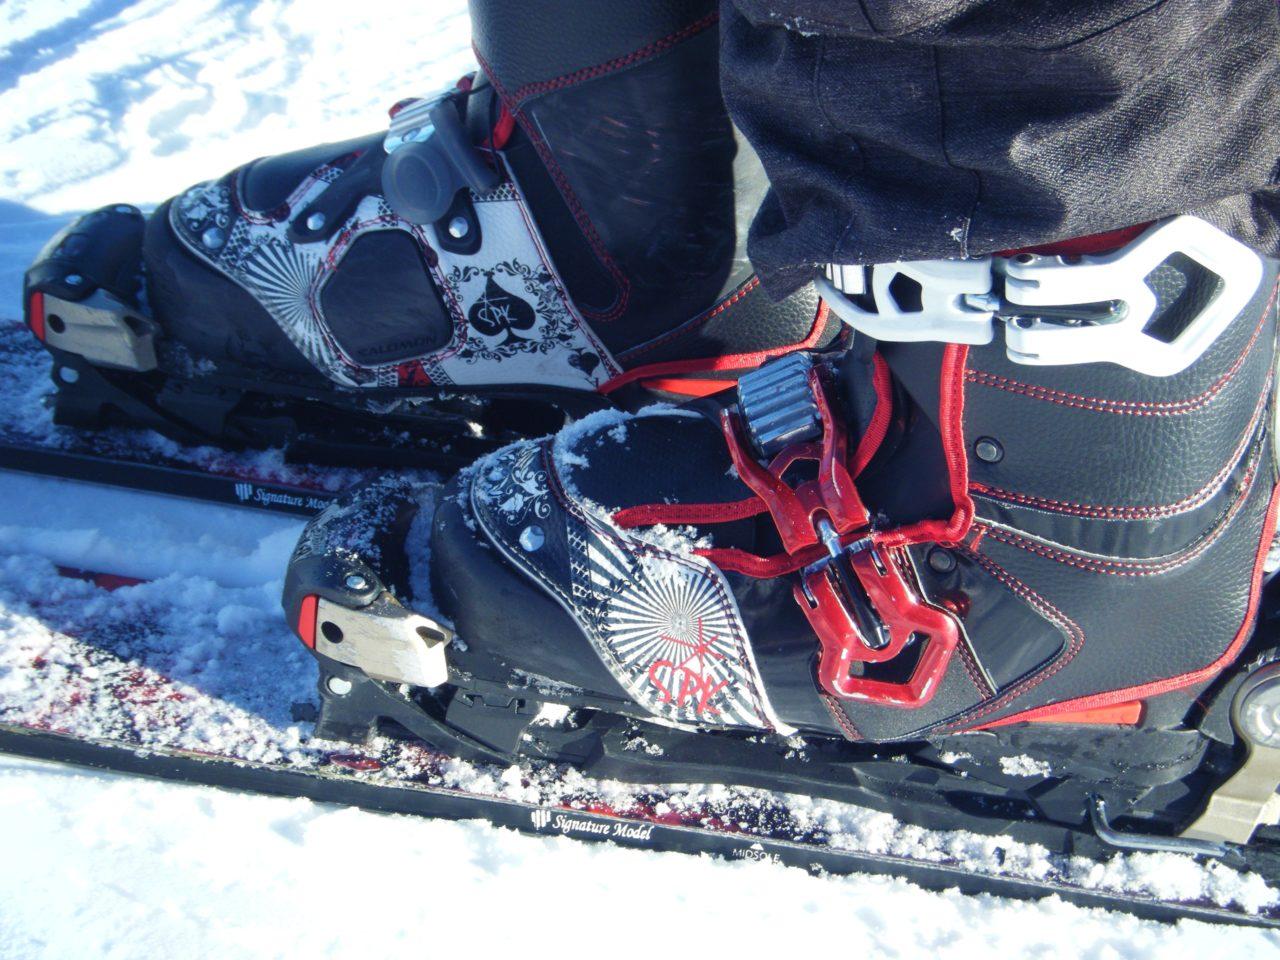 Salomon SPK Pro Ski Boots 2012